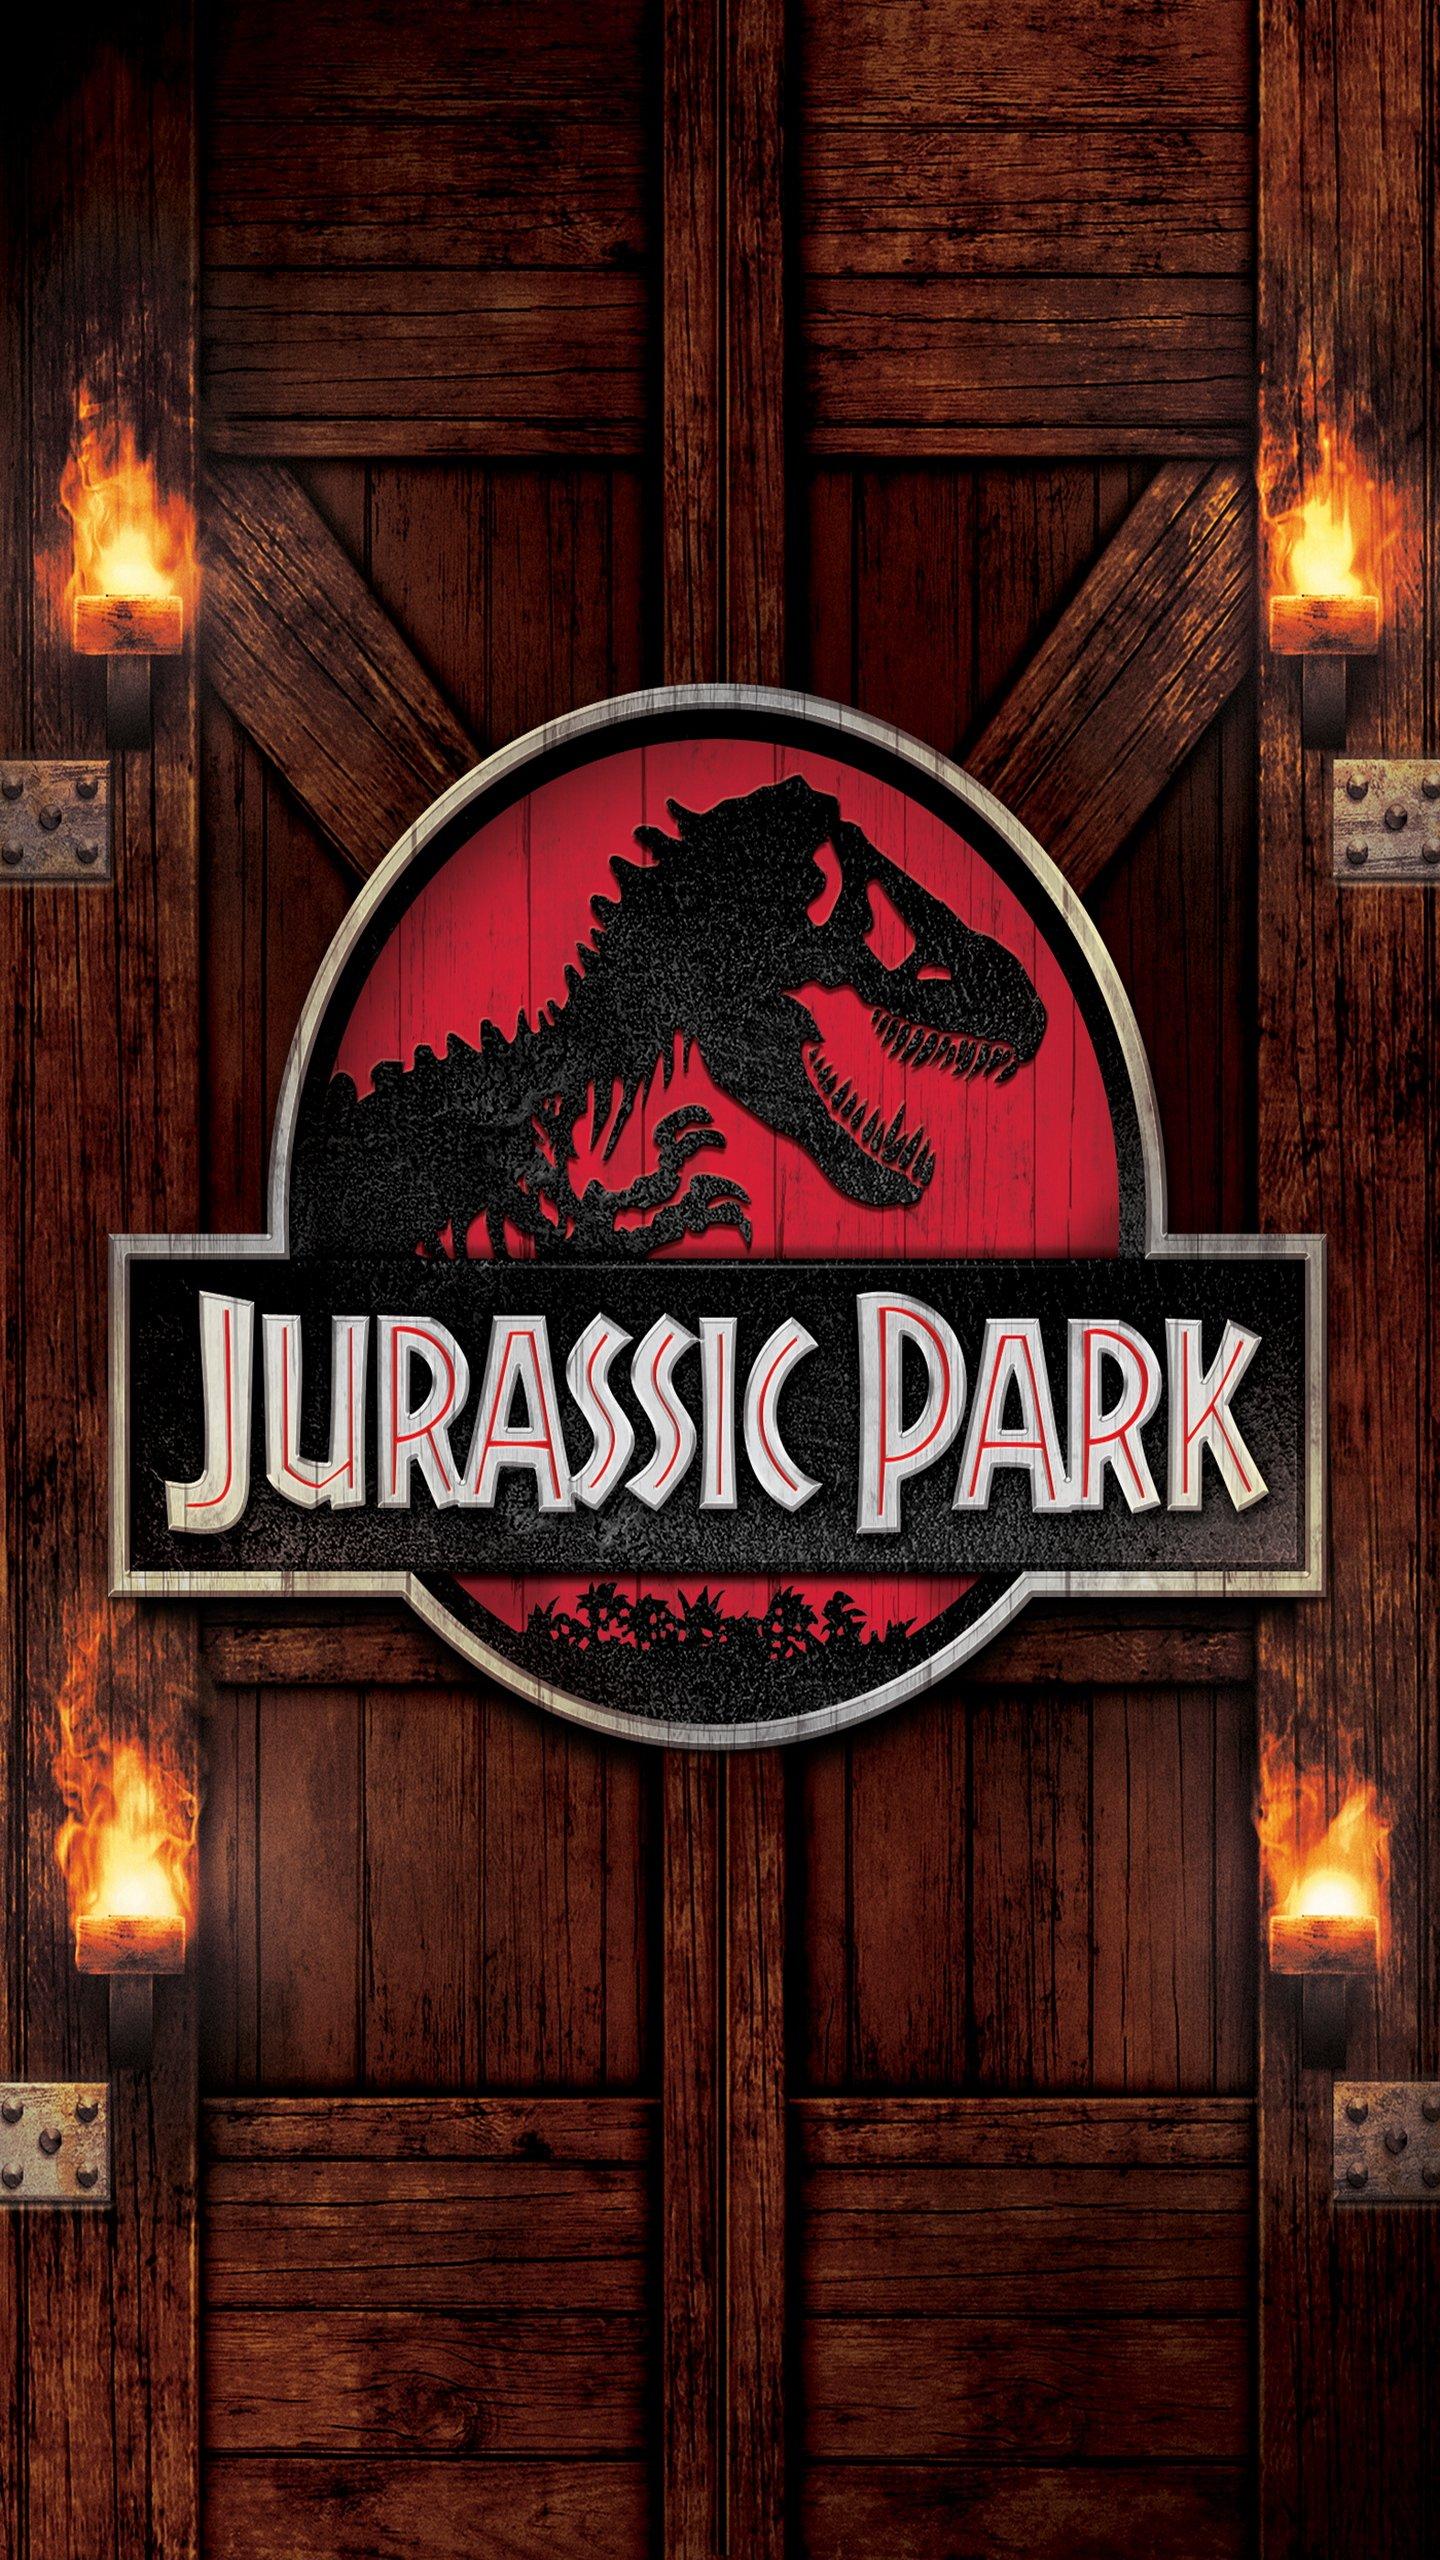 Jurassic park iphone wallpaper wallpapersafari - Jurassic park phone wallpaper ...